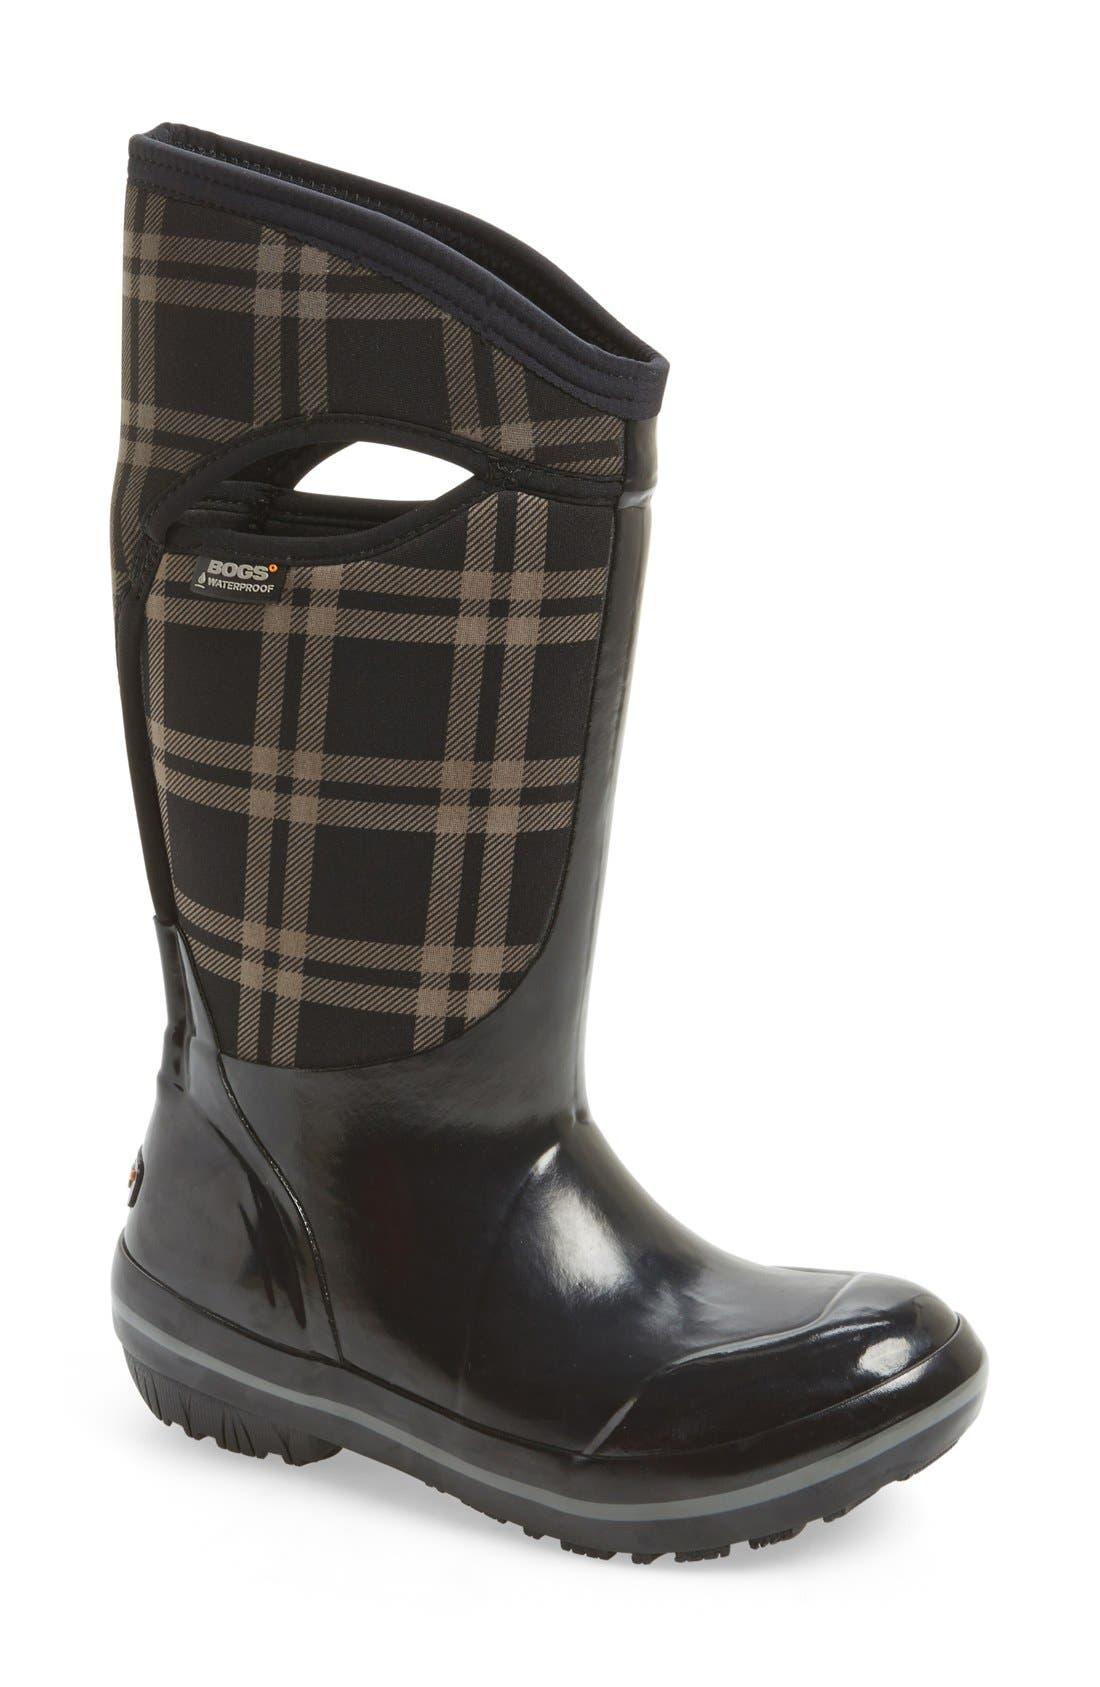 BOGS 'Plimsoll' Waterproof Boot